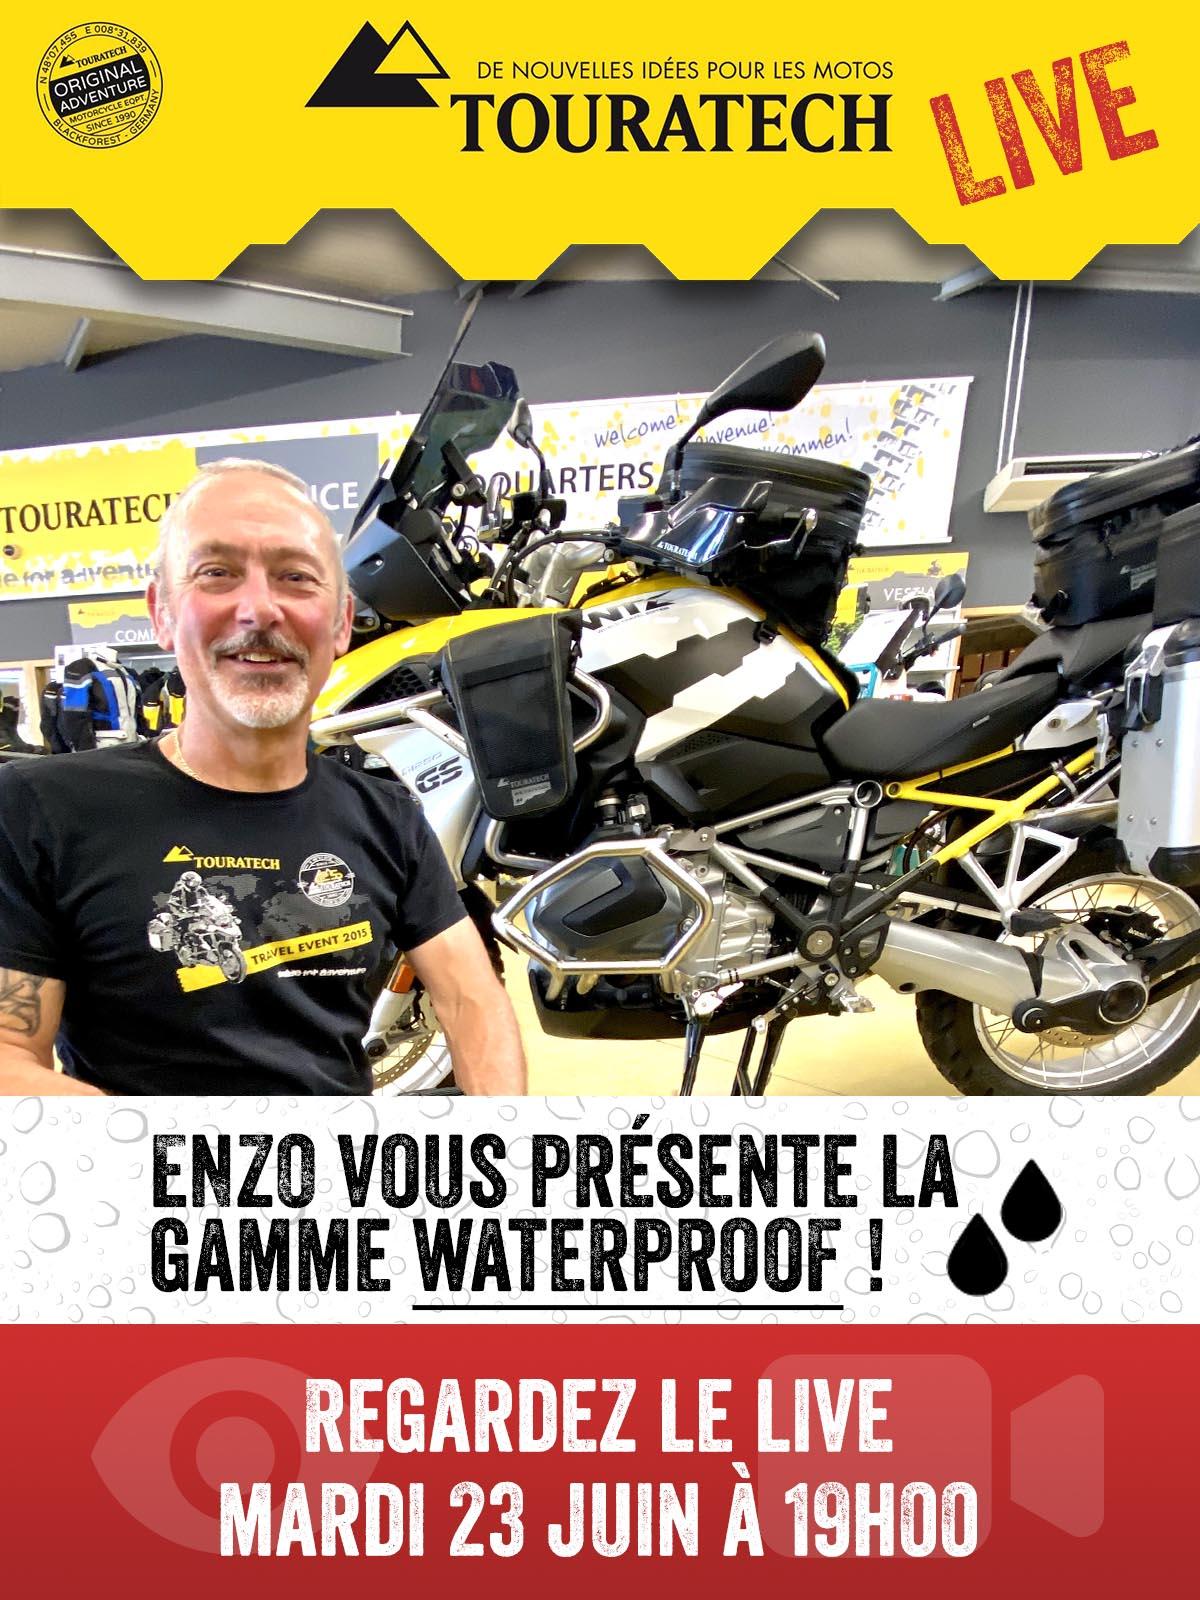 LIVE Sur Facebook Le 23 Juin à 19h : Découvrez Notre Nouvelle Gamme De Produits Waterproof